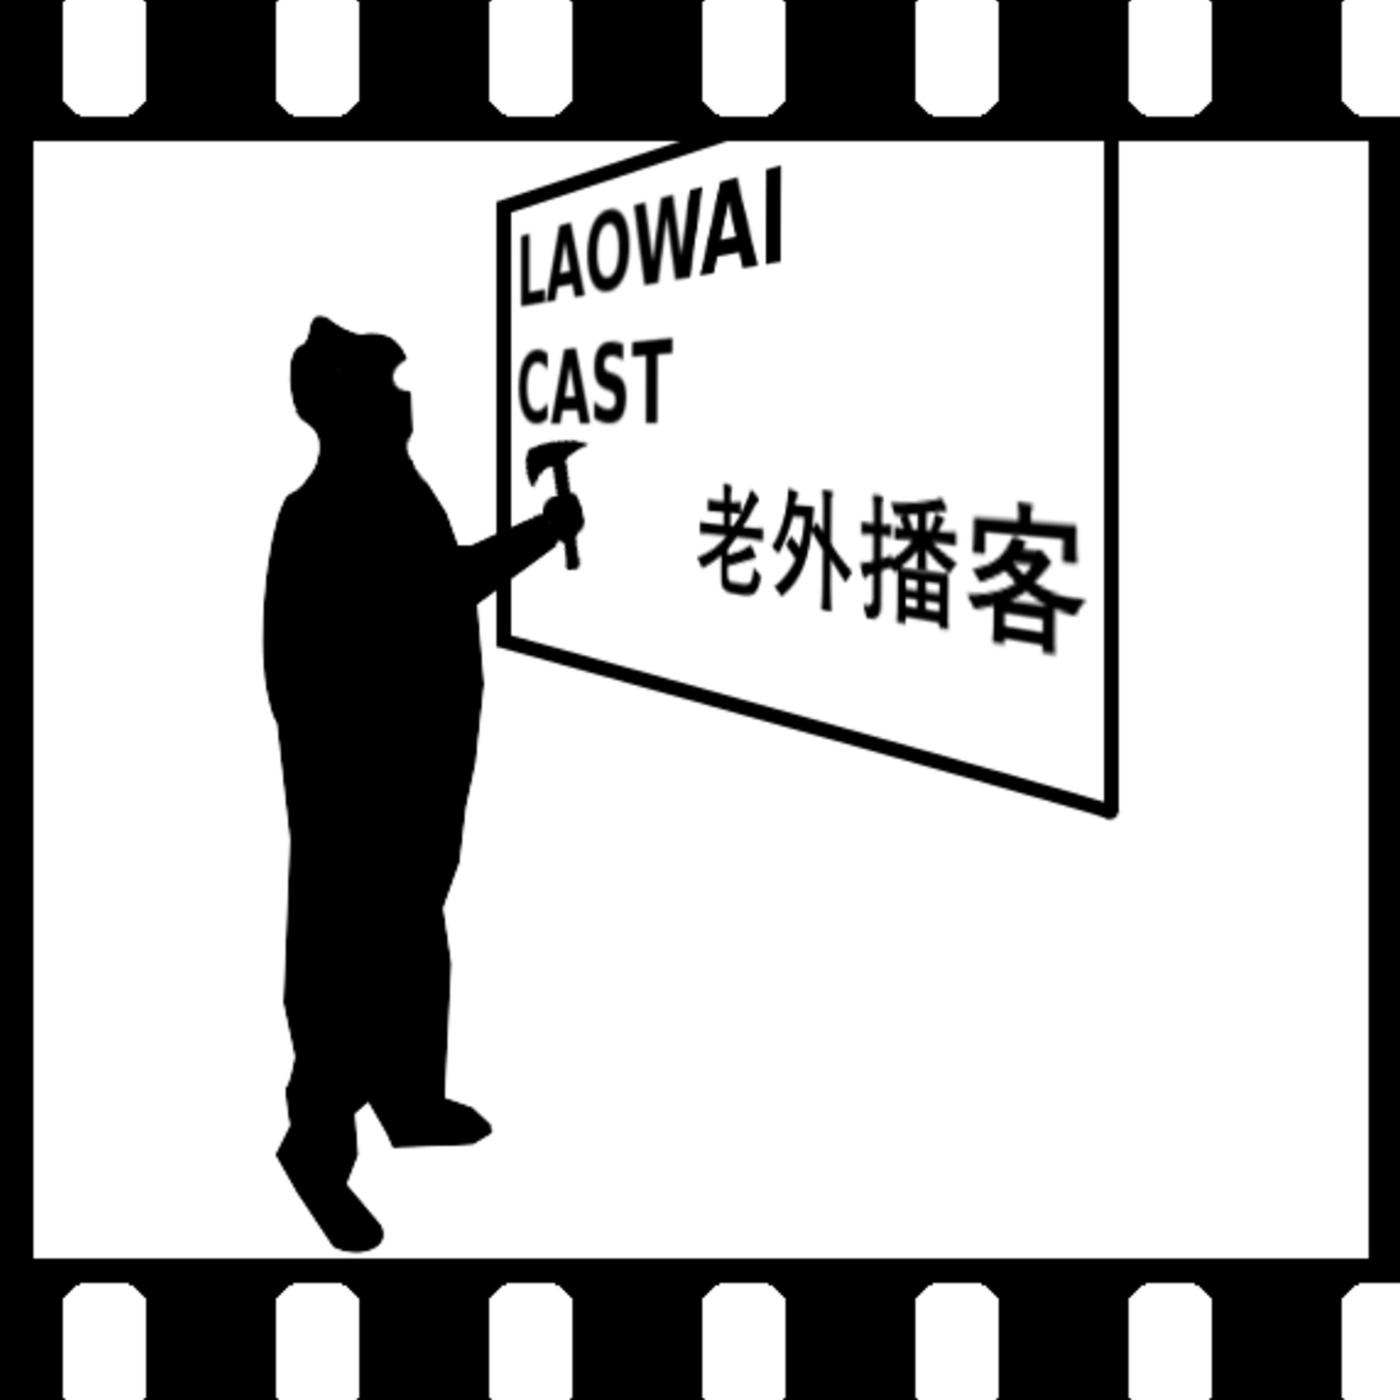 Китайские банки, налоговое резидентство, санкции и их последствия